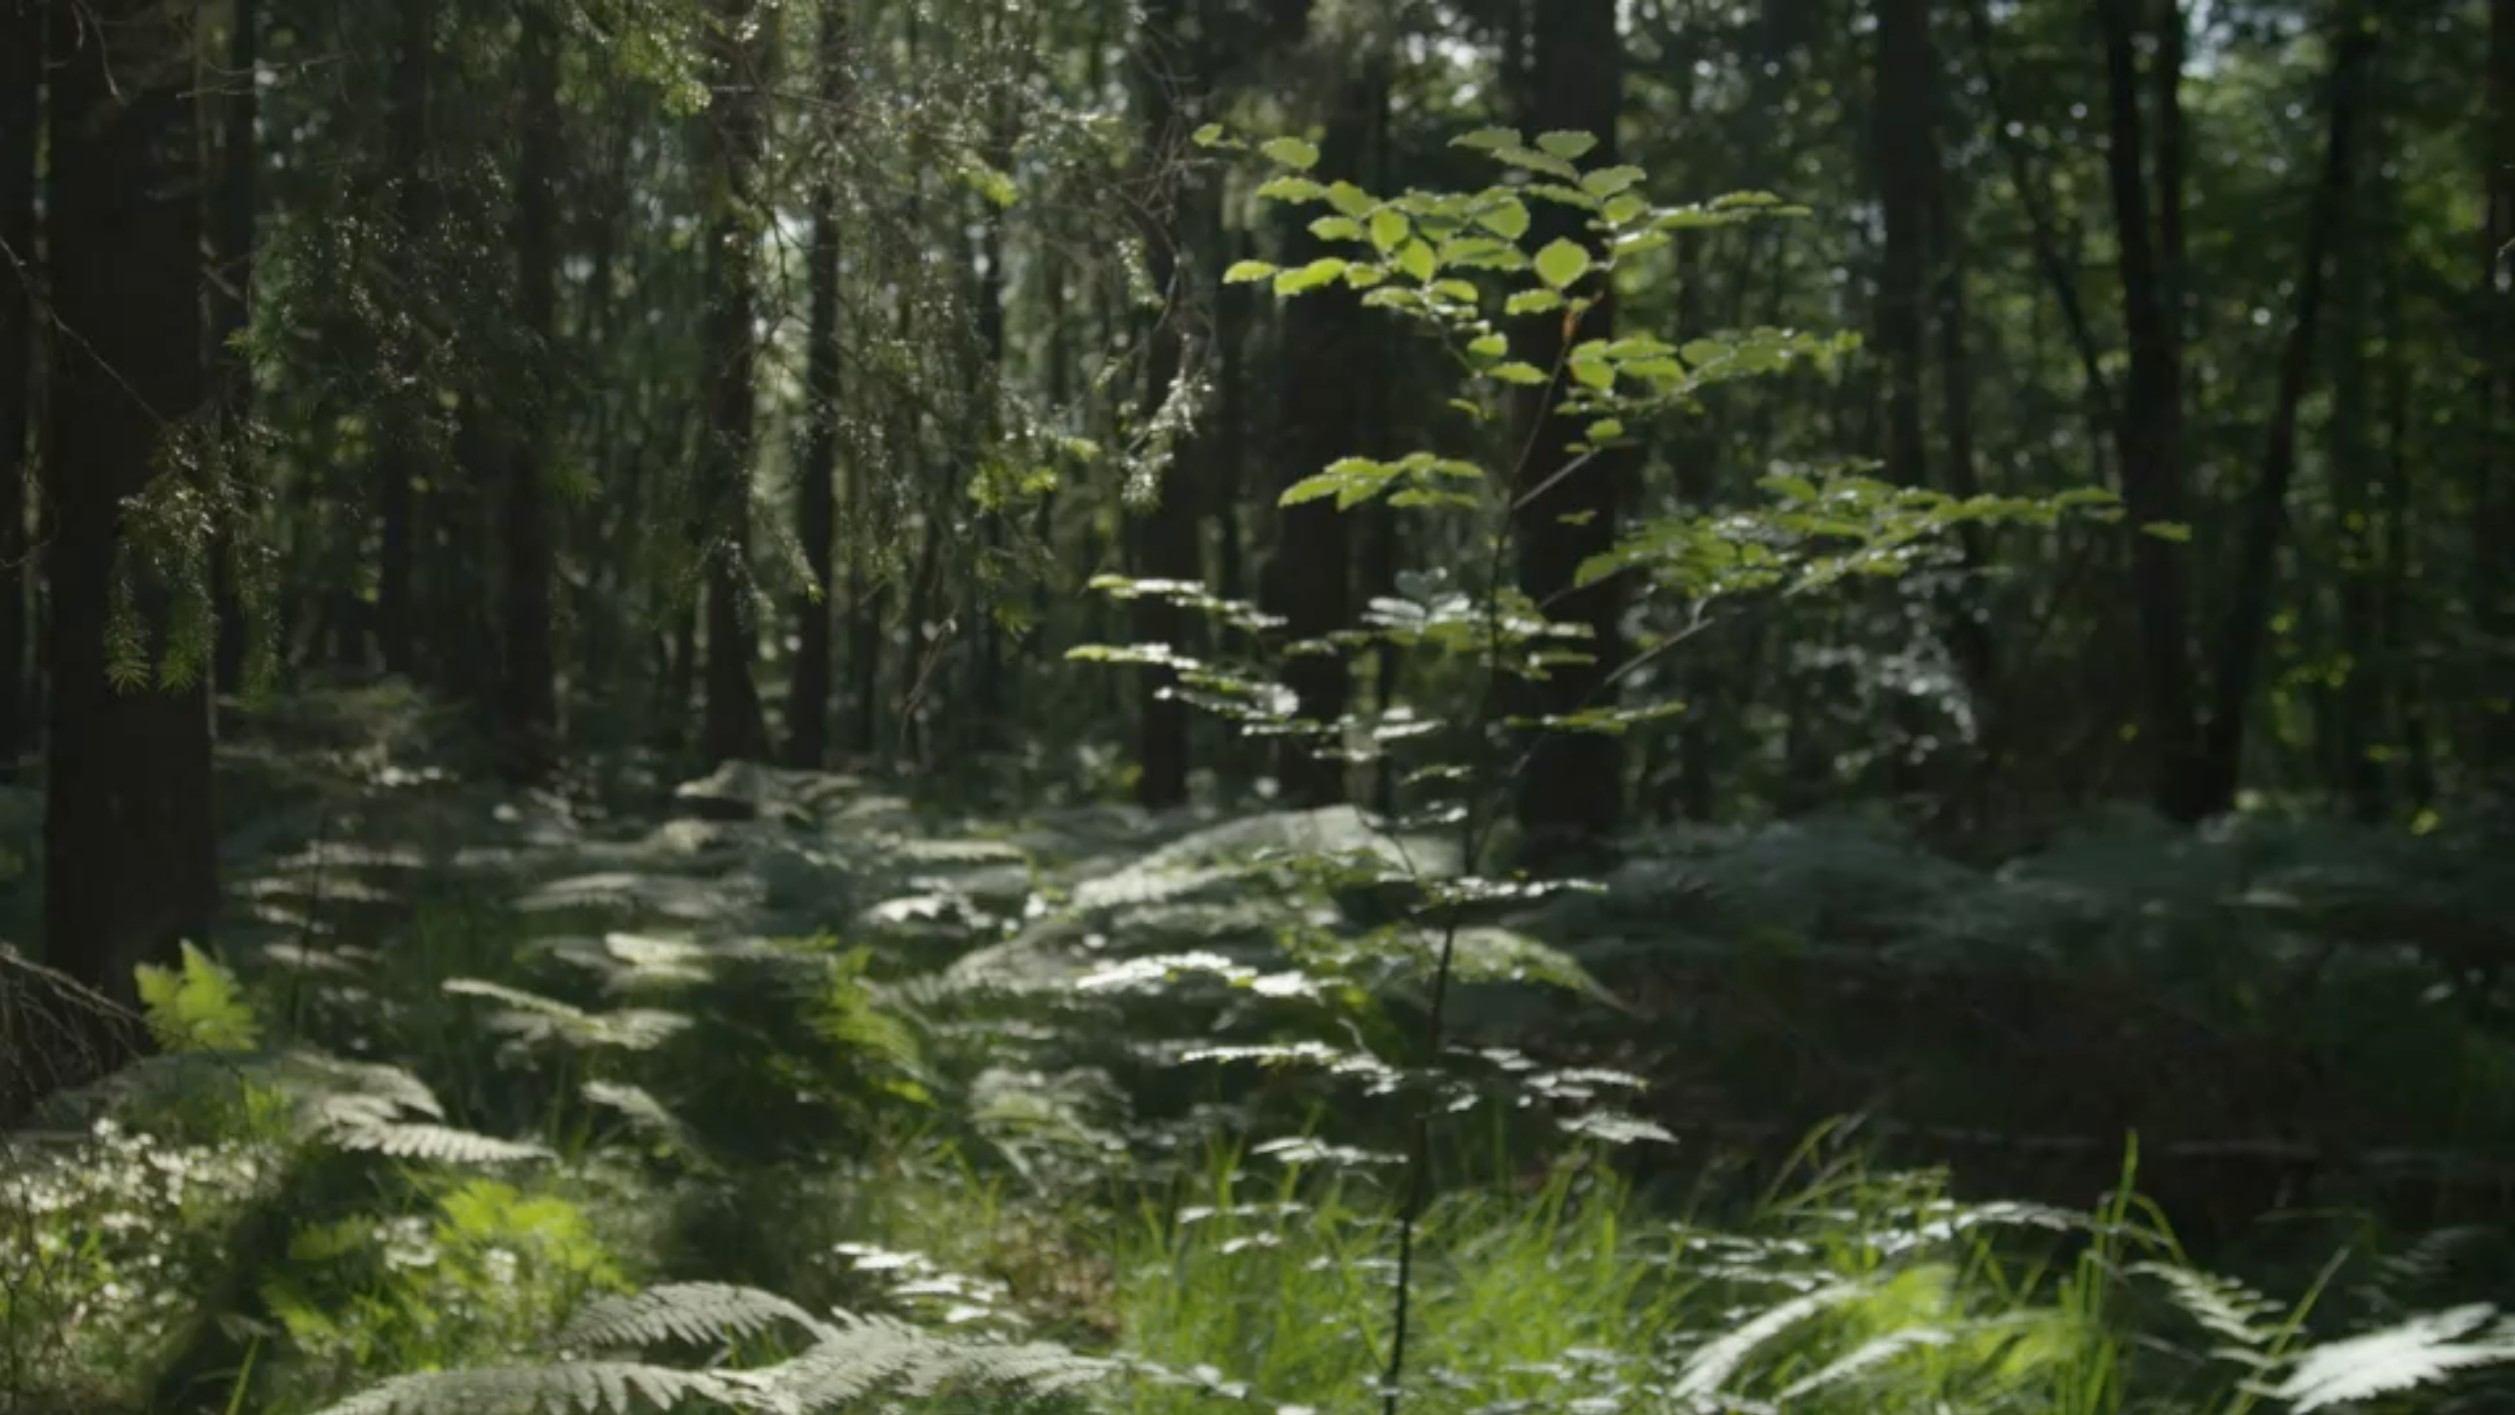 Forest-still-design-agency